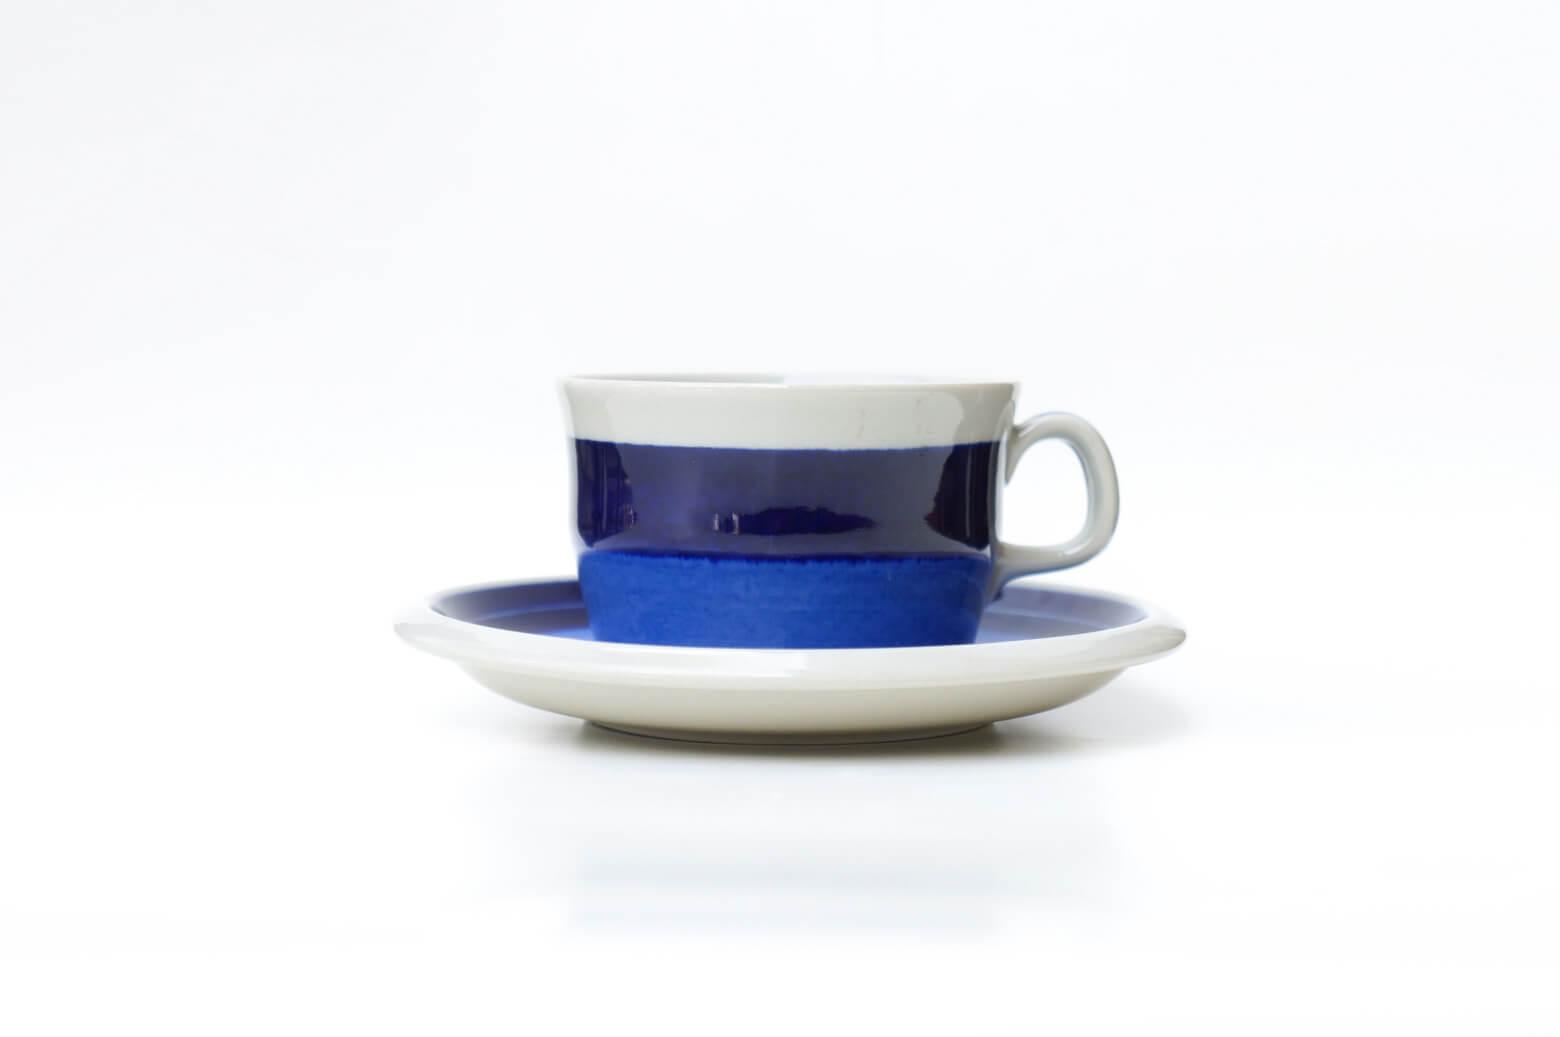 北欧スウェーデンのブランド「ロールストランド」、ミラマーレシリーズのコーヒーカップ&ソーサーです。デザイナーはマリアンヌ・ウエストマンで、同じフォルムのAnnika/アニカやElisabeth/エリザベスに比べて生産数が少なく、希少なシリーズです。「Mira Mare」とは、イタリア北東部、スロベニア国境に近い町・トリエステに建てられた、19世紀の城の名前。グレーがかった素地で城を、2色のブルーでアドリア海を表現していて、湾岸に建てられて海に浮かぶように見える城を抽象化したデザイン。 濃いブルーは深みが、薄いブルーは鮮やかさがあって、明るく開放的なイタリアの海に北欧の人々があこがれる気持ちを表現したかのようです。 北欧好きの方やシンプルで飽きのこないデザインがお好きな方、ぜひいかがでしょうか♪~【東京都杉並区阿佐ヶ谷北アンティークショップ 古一/ZACK高円寺店】 古一/ふるいちでは出張無料買取も行っております。杉並区周辺はもちろん、世田谷区・目黒区・武蔵野市・新宿区等の東京近郊のお見積もりも!ビンテージ家具・インテリア雑貨・ランプ・USED品・ リサイクルなら古一/フルイチへ~